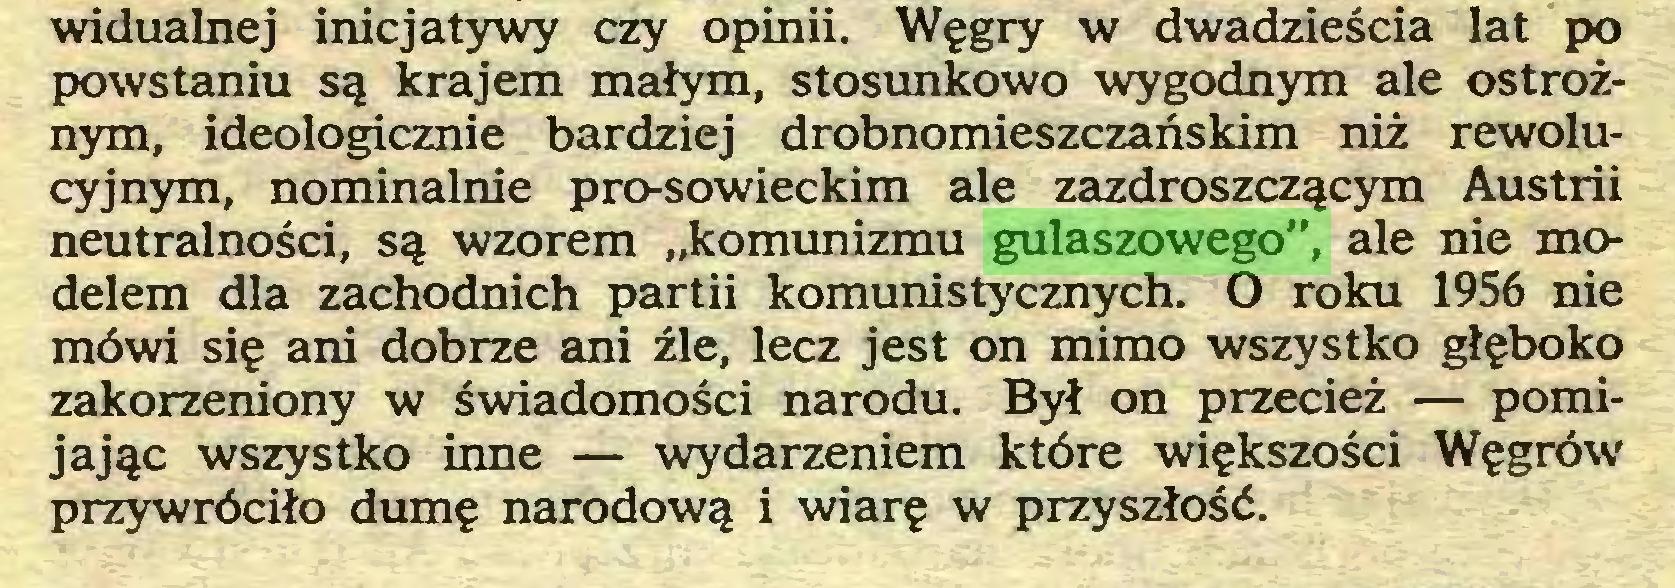 """(...) widualnej inicjatywy czy opinii. Węgry w dwadzieścia lat po powstaniu są krajem małym, stosunkowo wygodnym ale ostrożnym, ideologicznie bardziej drobnomieszczańskim niż rewolucyjnym, nominalnie pro-sowieckim ale zazdroszczącym Austrii neutralności, są wzorem """"komunizmu gulaszowego"""", ale nie modelem dla zachodnich partii komunistycznych. O roku 1956 nie mówi się ani dobrze ani źle, lecz jest on mimo wszystko głęboko zakorzeniony w świadomości narodu. Był on przecież — pomijając wszystko inne — wydarzeniem które większości Węgrów przywróciło dumę narodową i wiarę w przyszłość..."""